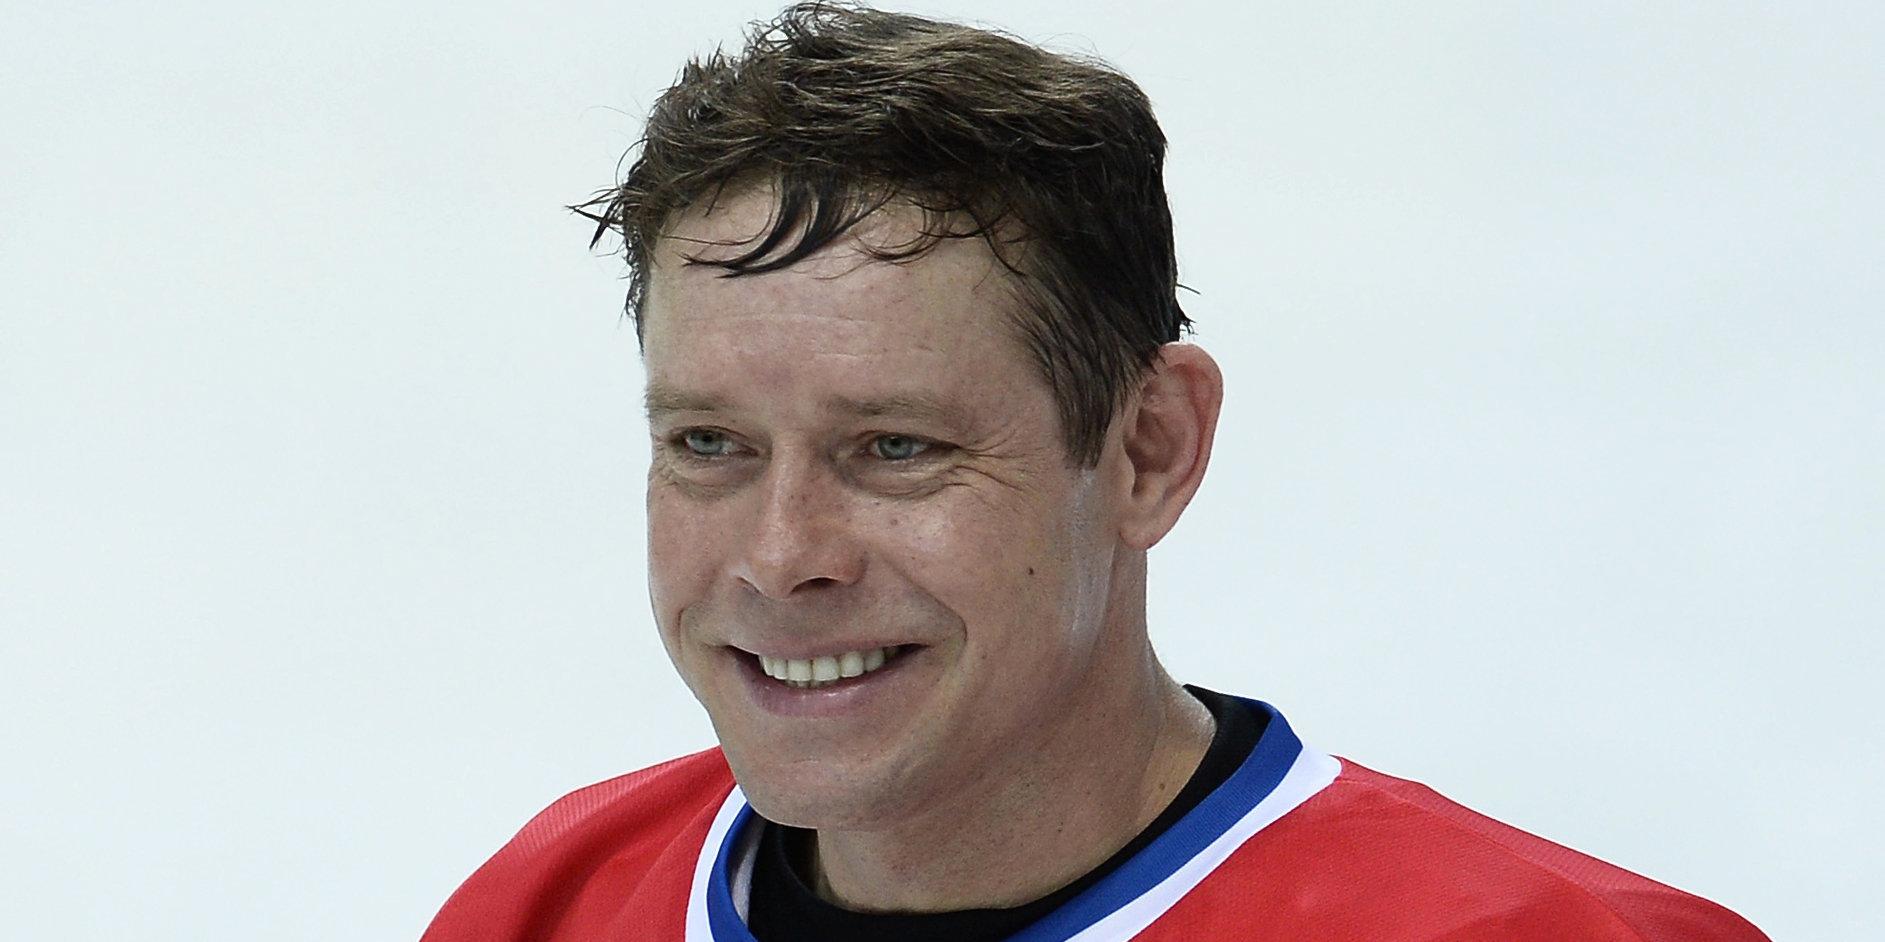 Павел Буре: «Ларионов по-настоящему знает хоккей. У него целый год впереди, чтобы сделать хорошую команду»